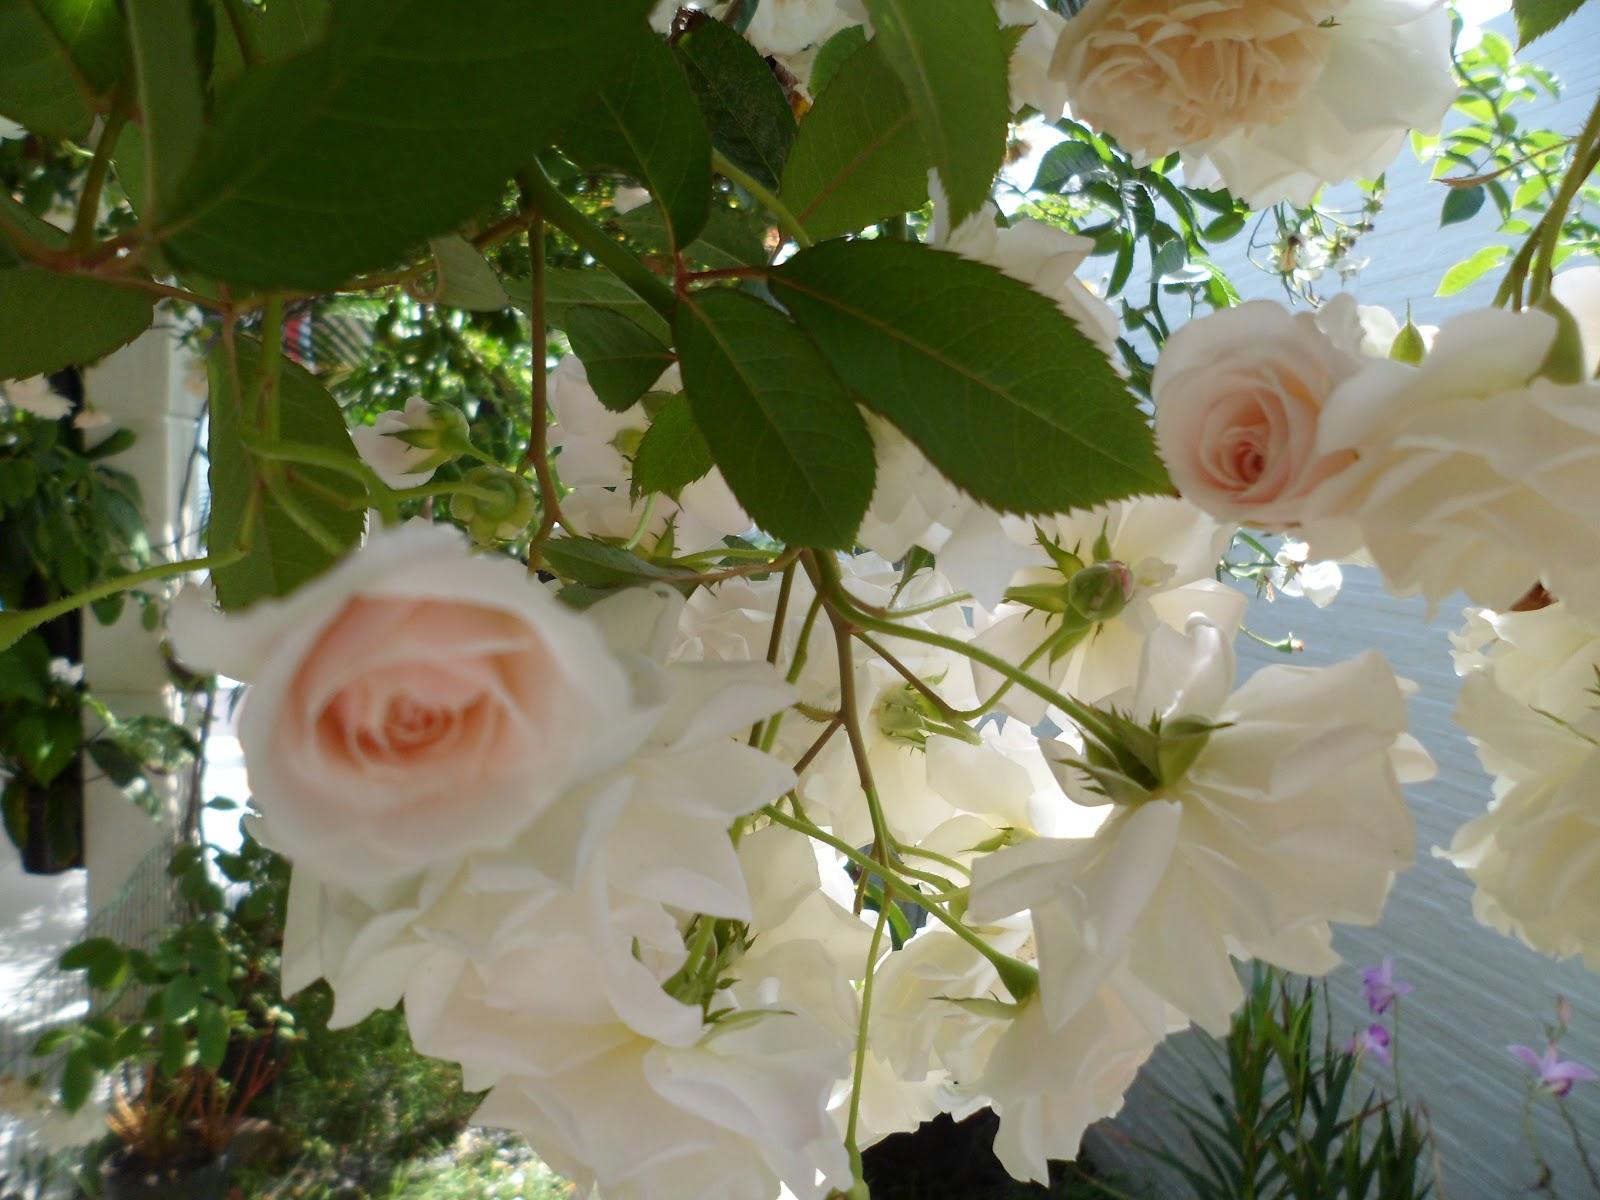 flores no jardim letra:RoAguiar: MEU JARDIM TEM RECICLAGEM – AMO MUITO TUDO ISSO!